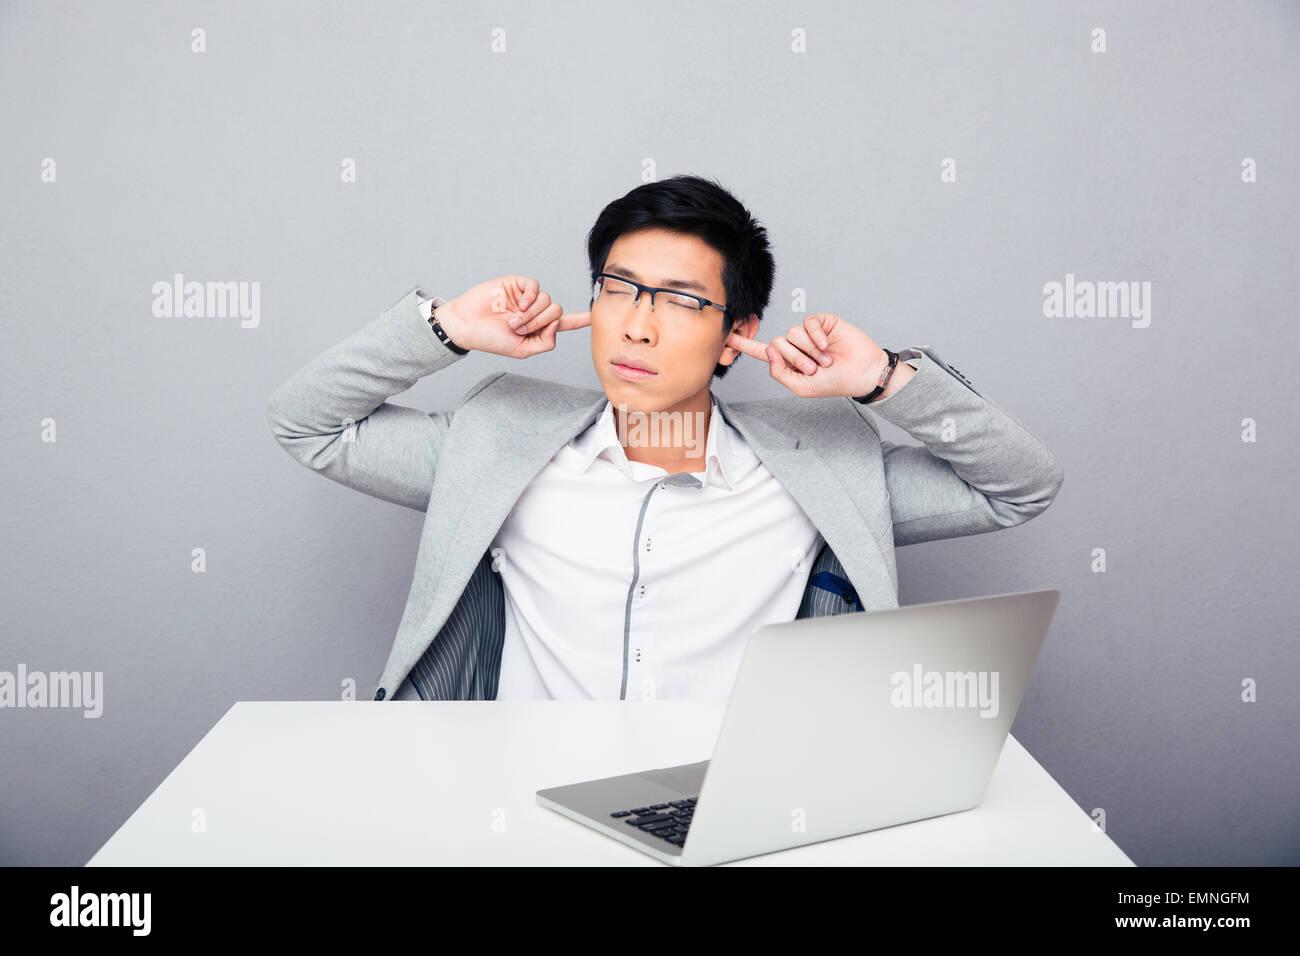 Guapo empresario asiático sentado en la mesa y cubriendo sus orejas sobre fondo gris Imagen De Stock